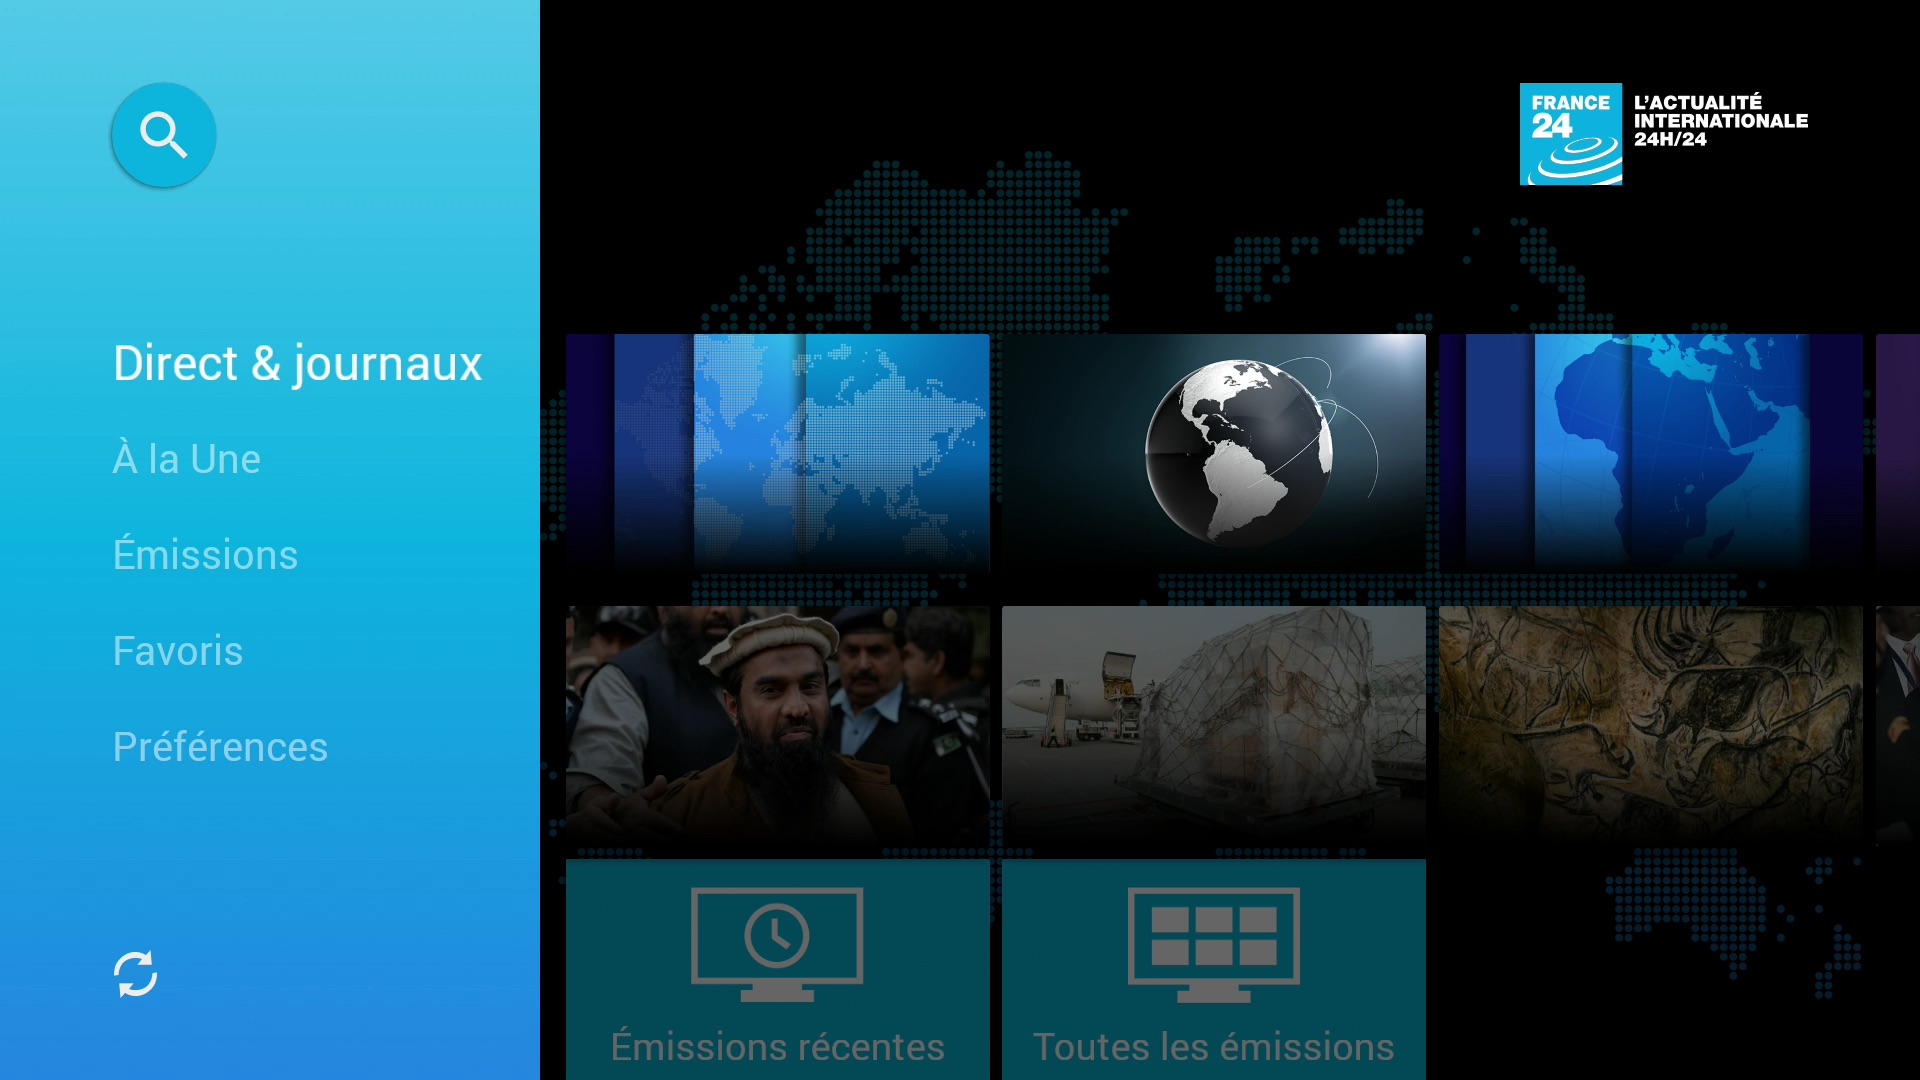 conseil d u0026 39 app   france 24 sur freebox mini 4k